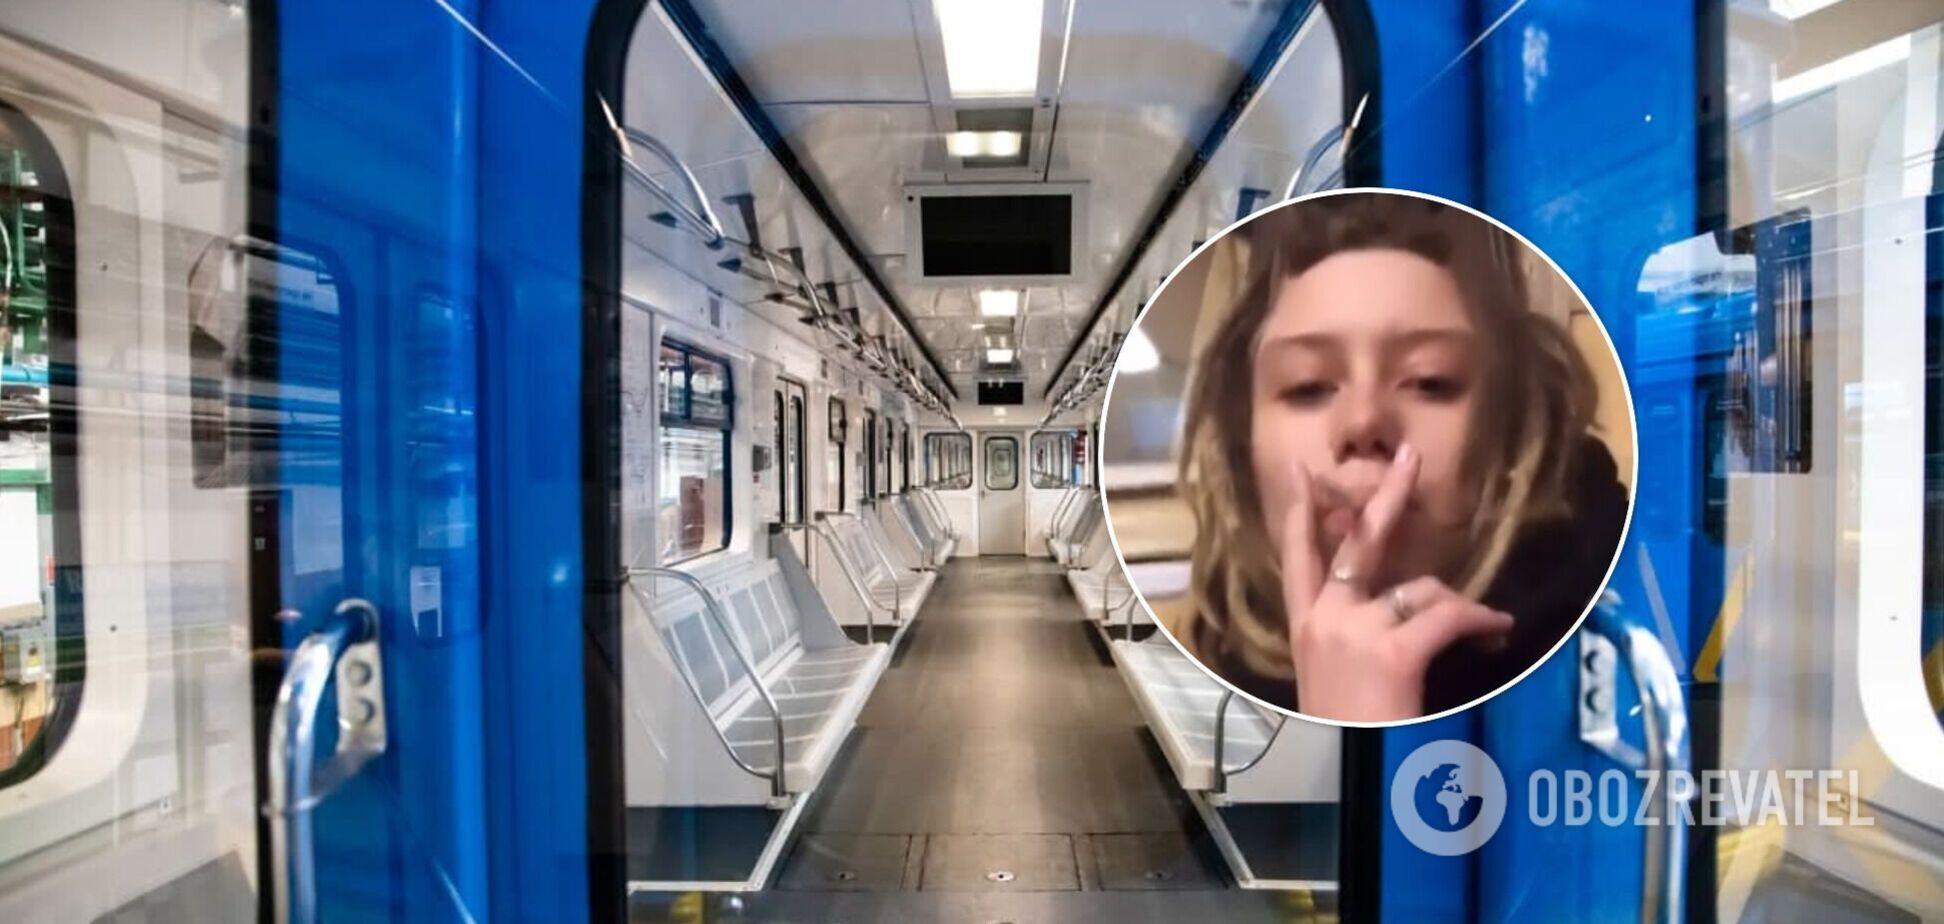 Девушка, курившая в киевском метро, заявила, что стала популярной за одну ночь. Видео